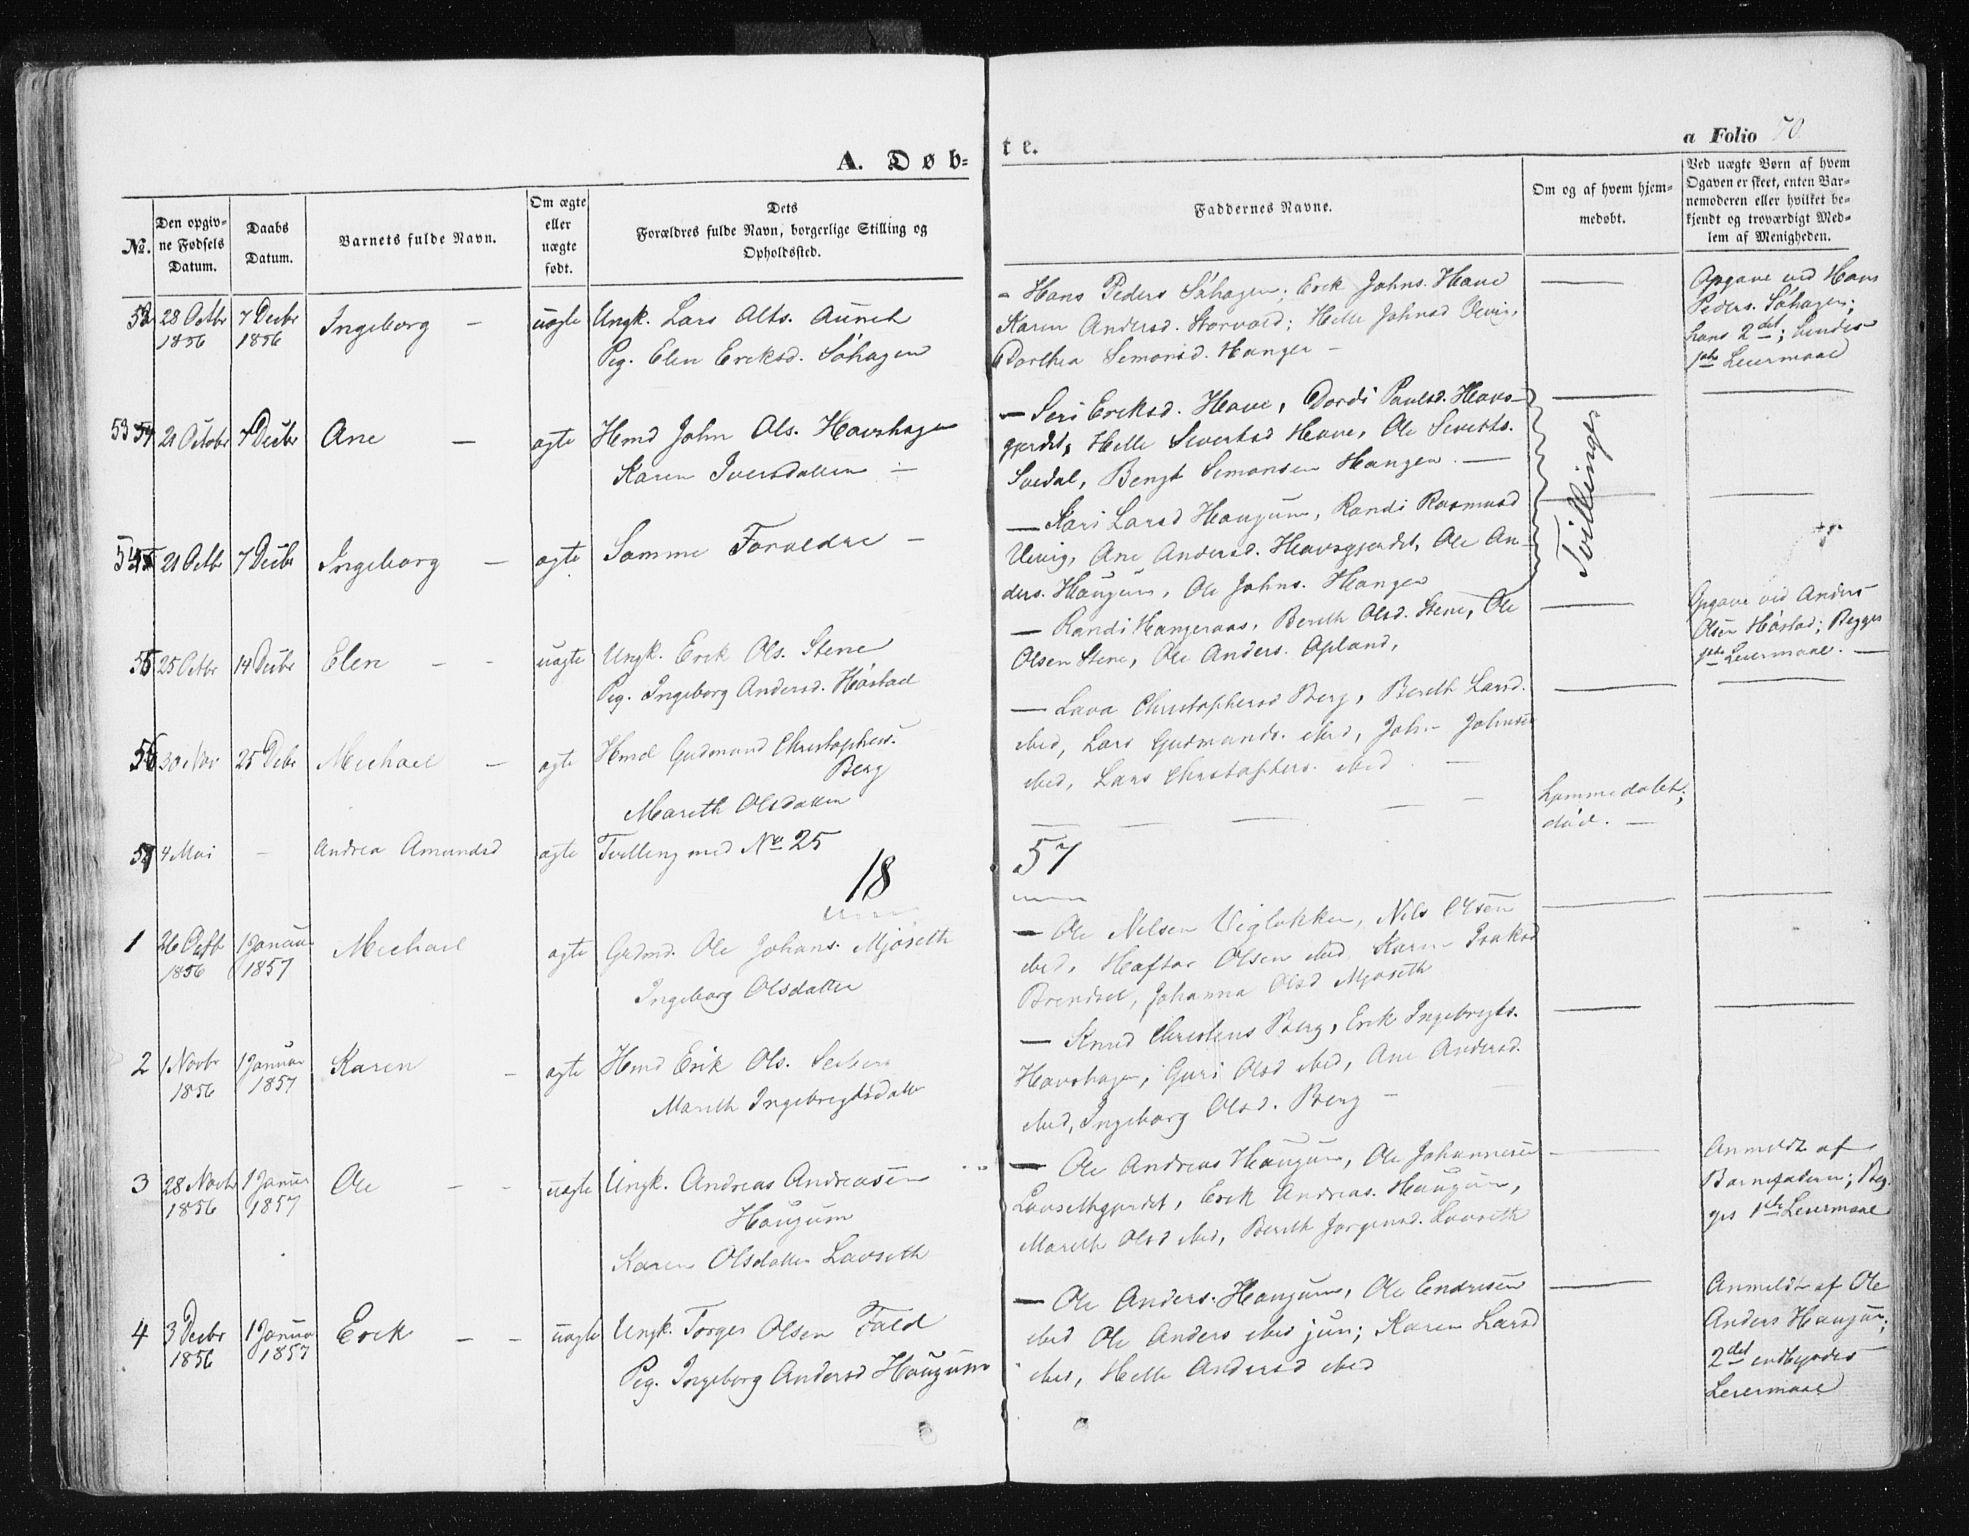 SAT, Ministerialprotokoller, klokkerbøker og fødselsregistre - Sør-Trøndelag, 612/L0376: Ministerialbok nr. 612A08, 1846-1859, s. 70